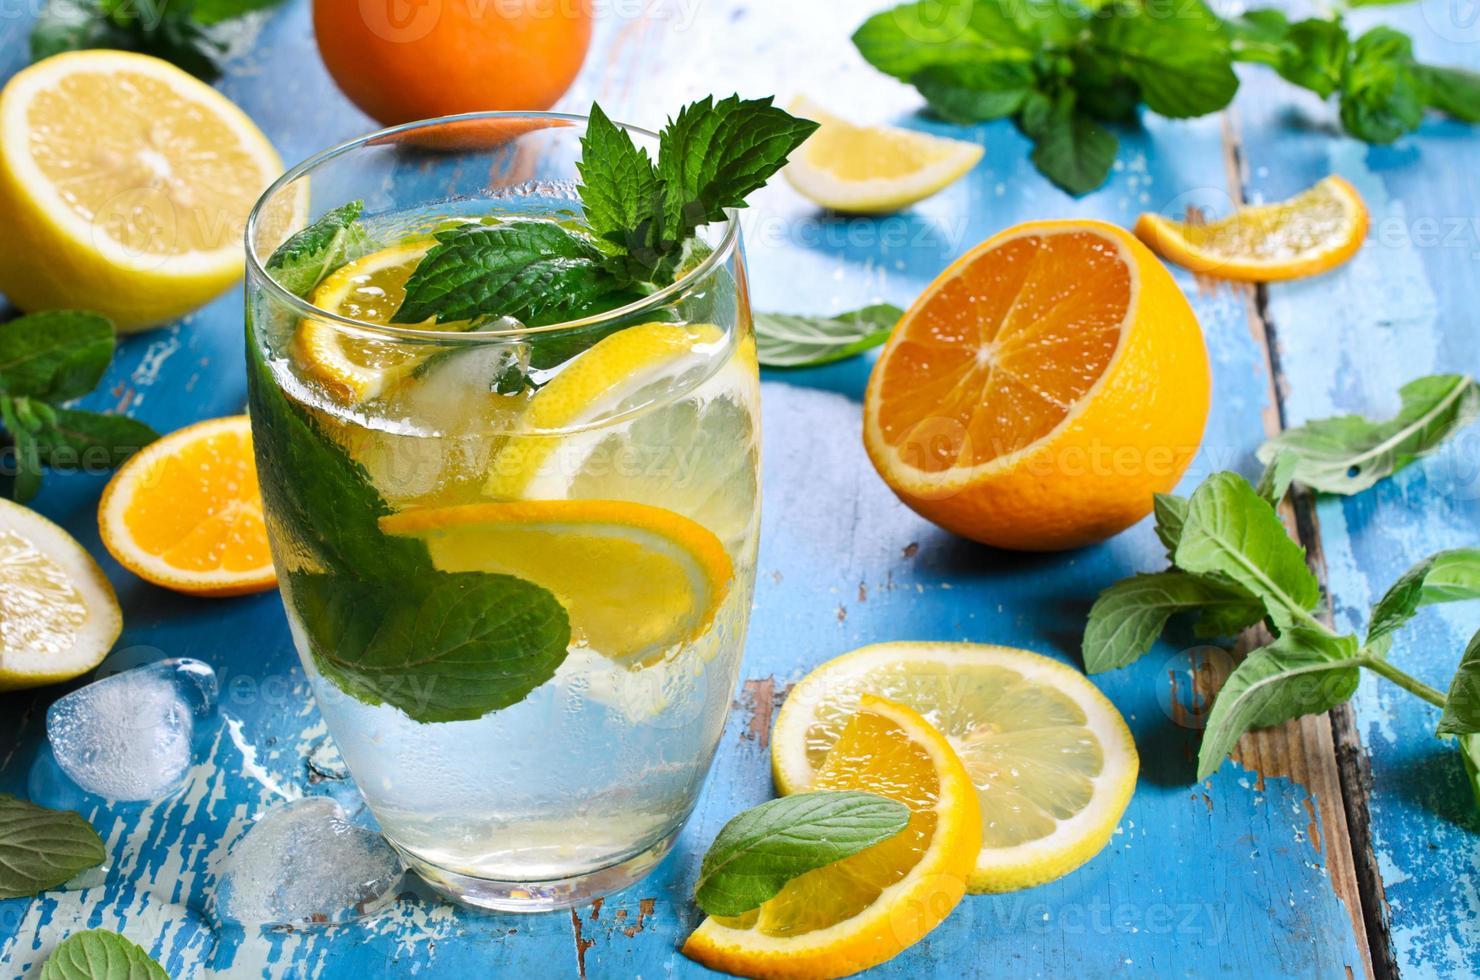 mit Zitrusfrüchten trinken foto